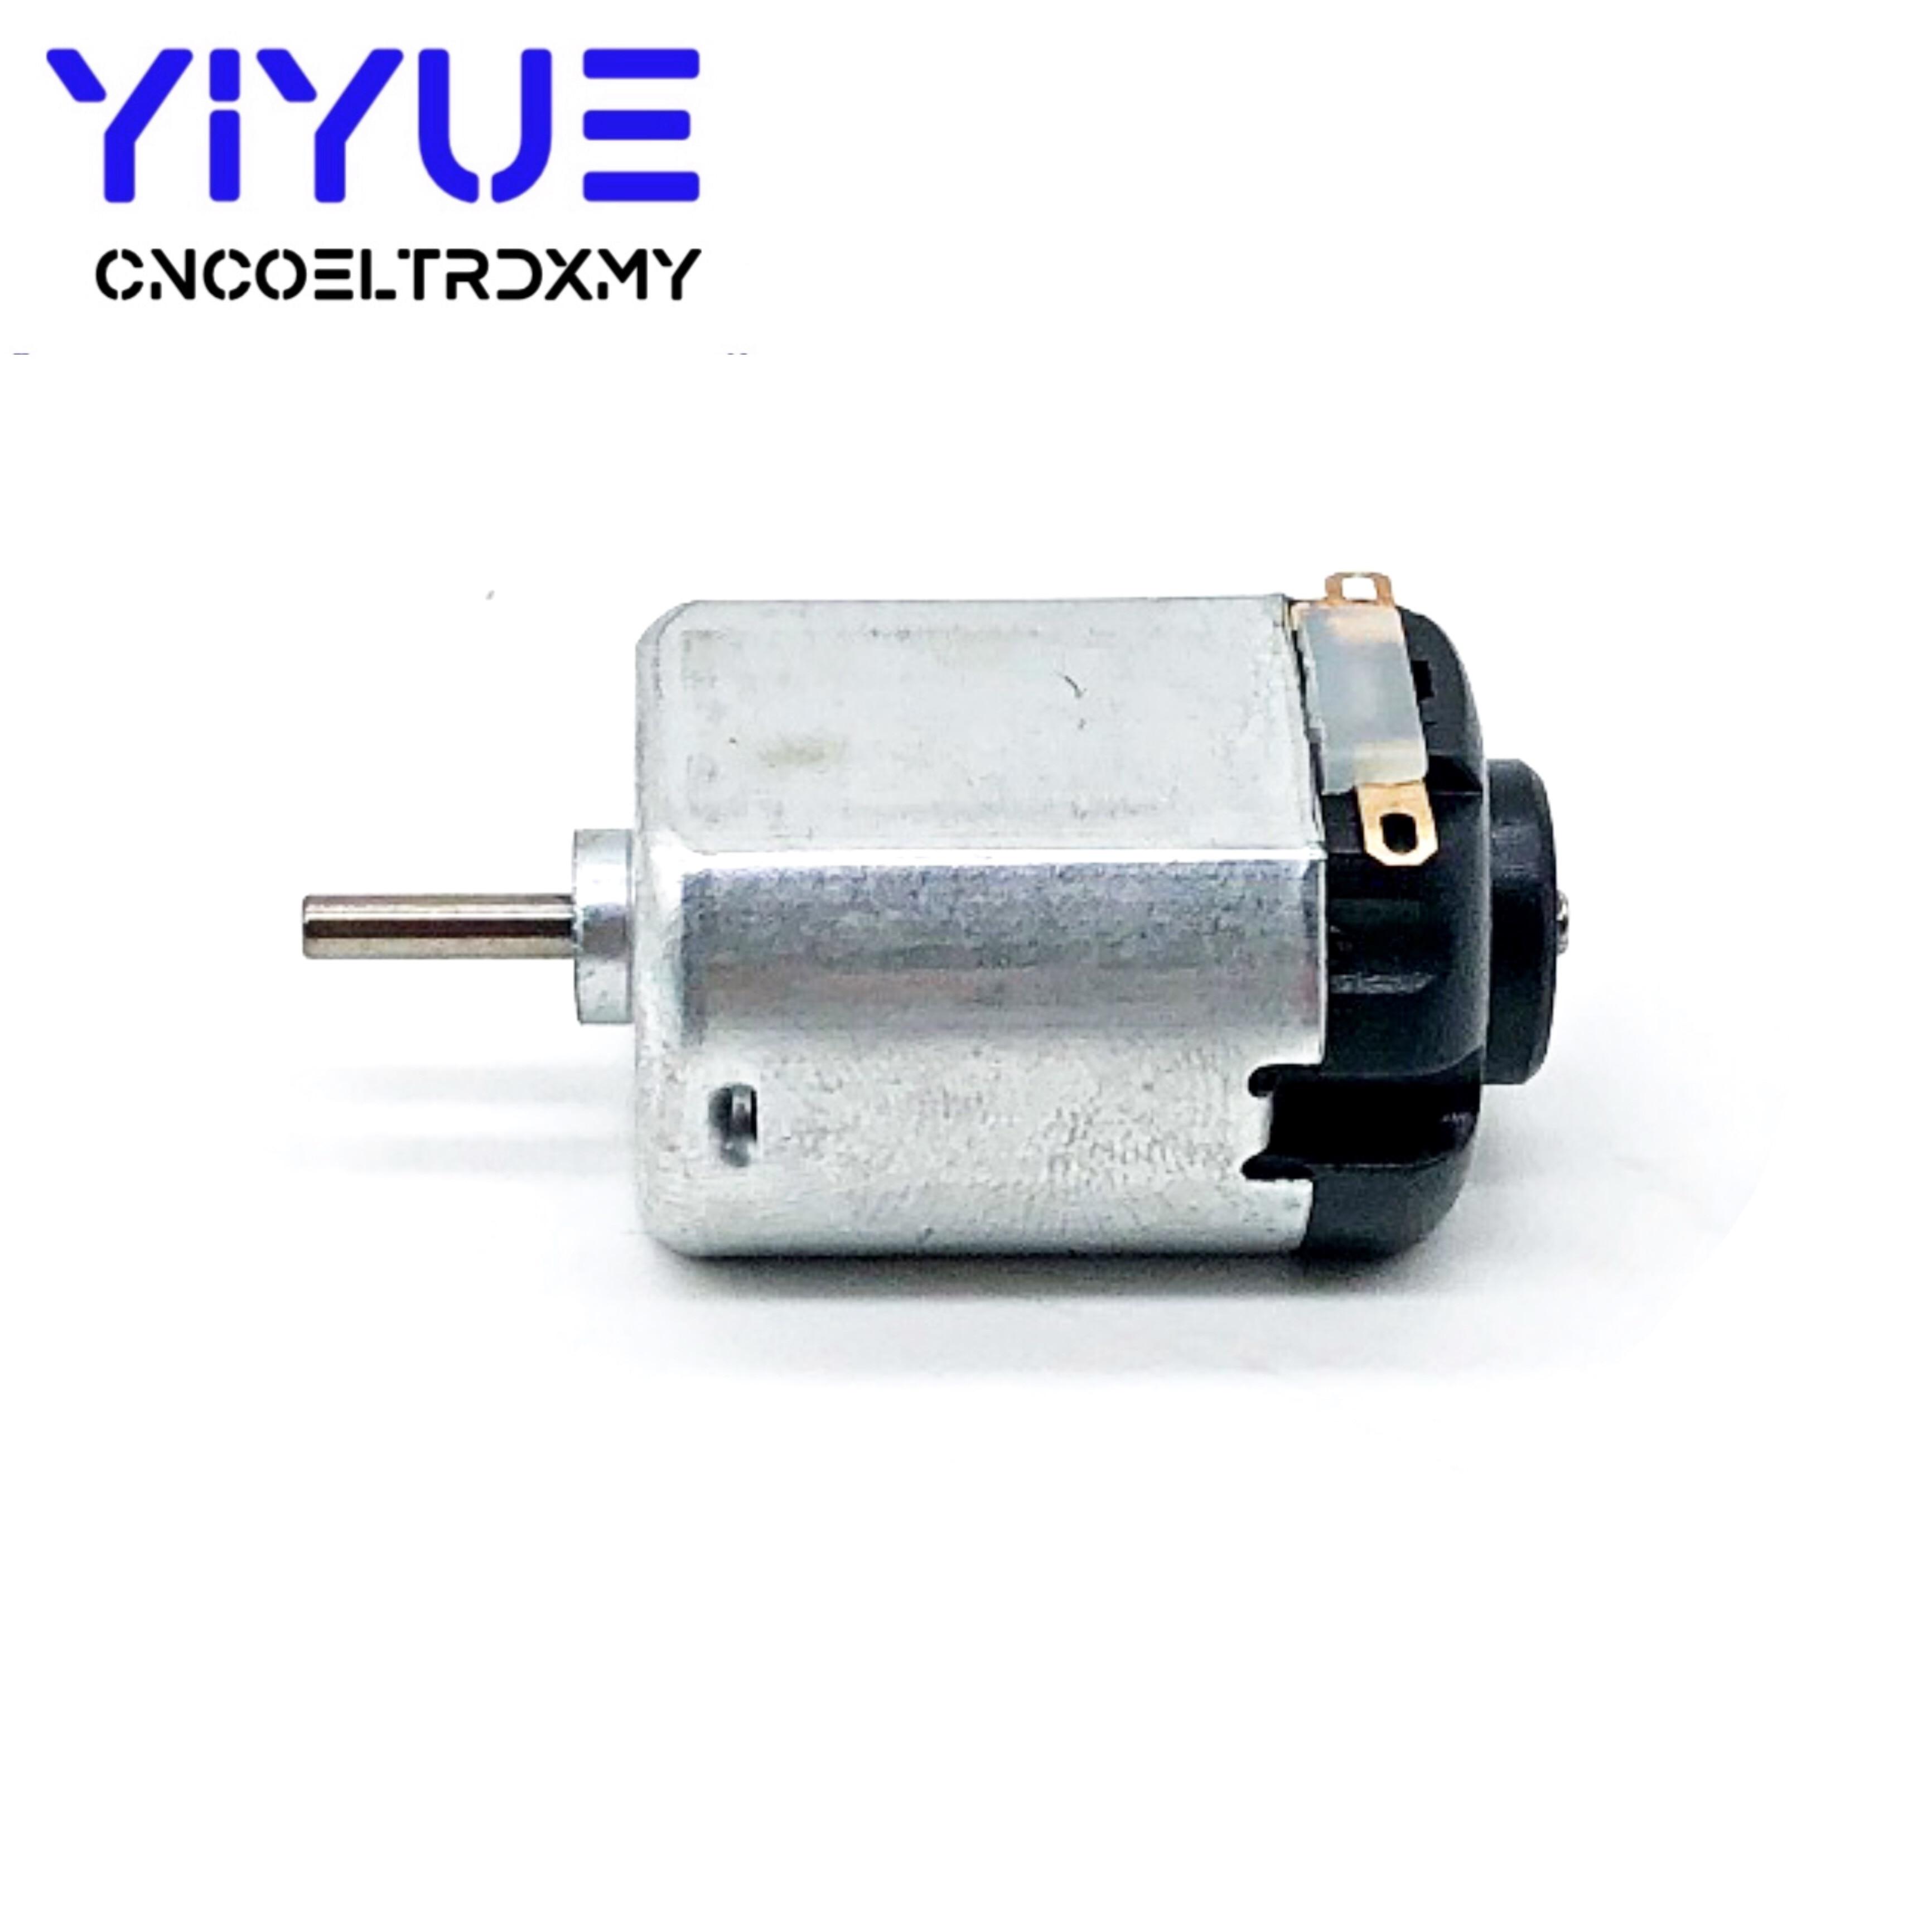 DC 3V 3.7V 5V 30000RPM High Speed Magnetic Carbon Brush Micro  N20 OT-1580 Motor